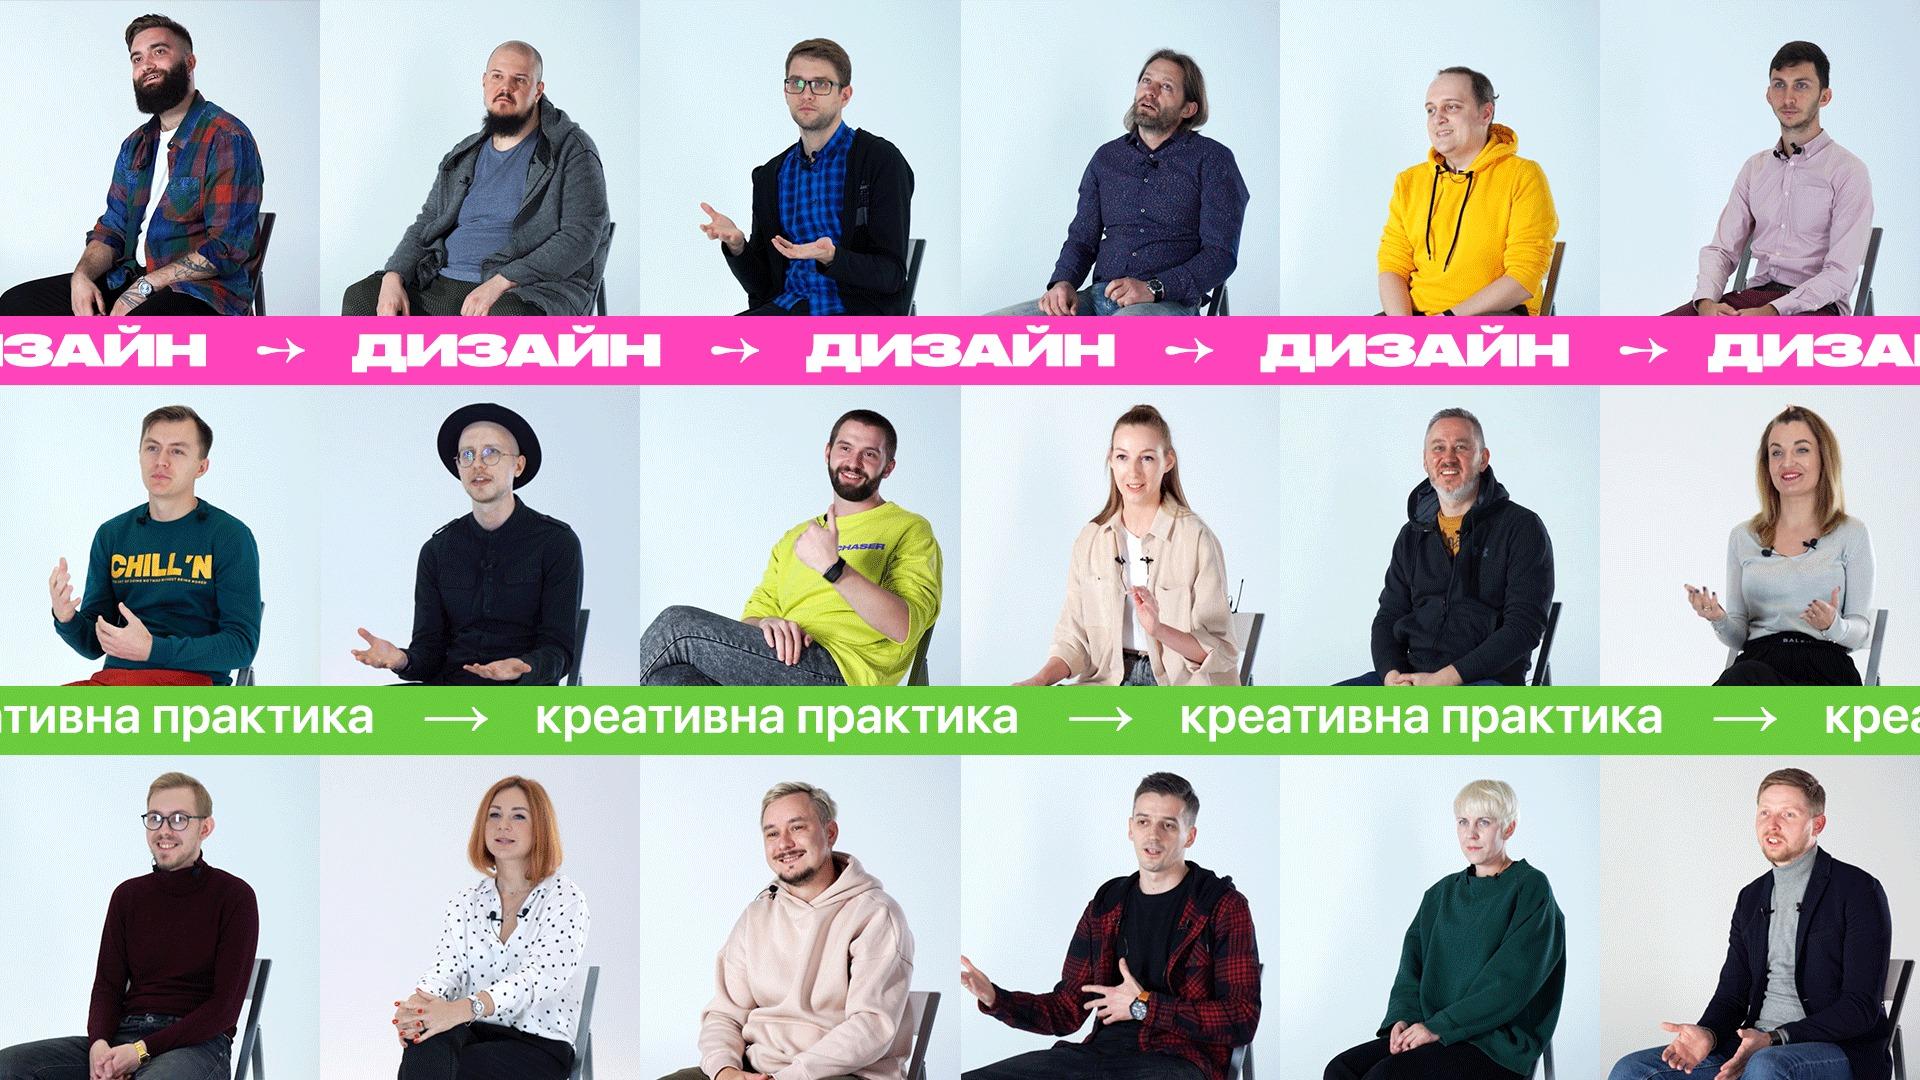 👨🏼💻 Розмови про дизайн: Креативна Практика запускає серію міні-фільмів про дизайн